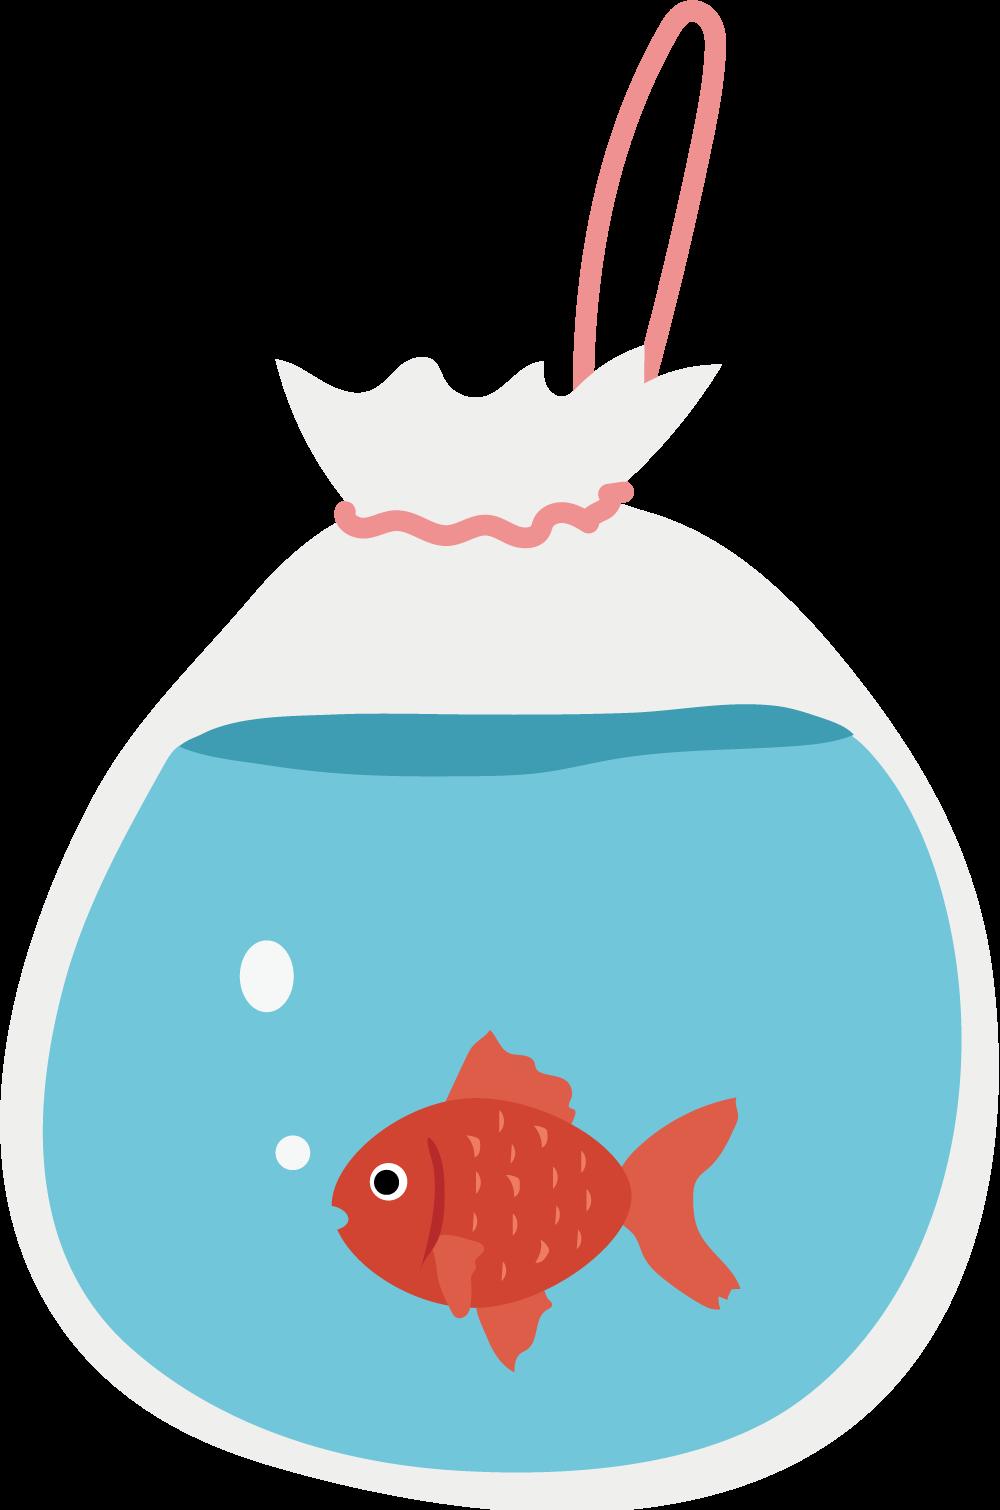 金魚すくいのイラスト Sozaic Com